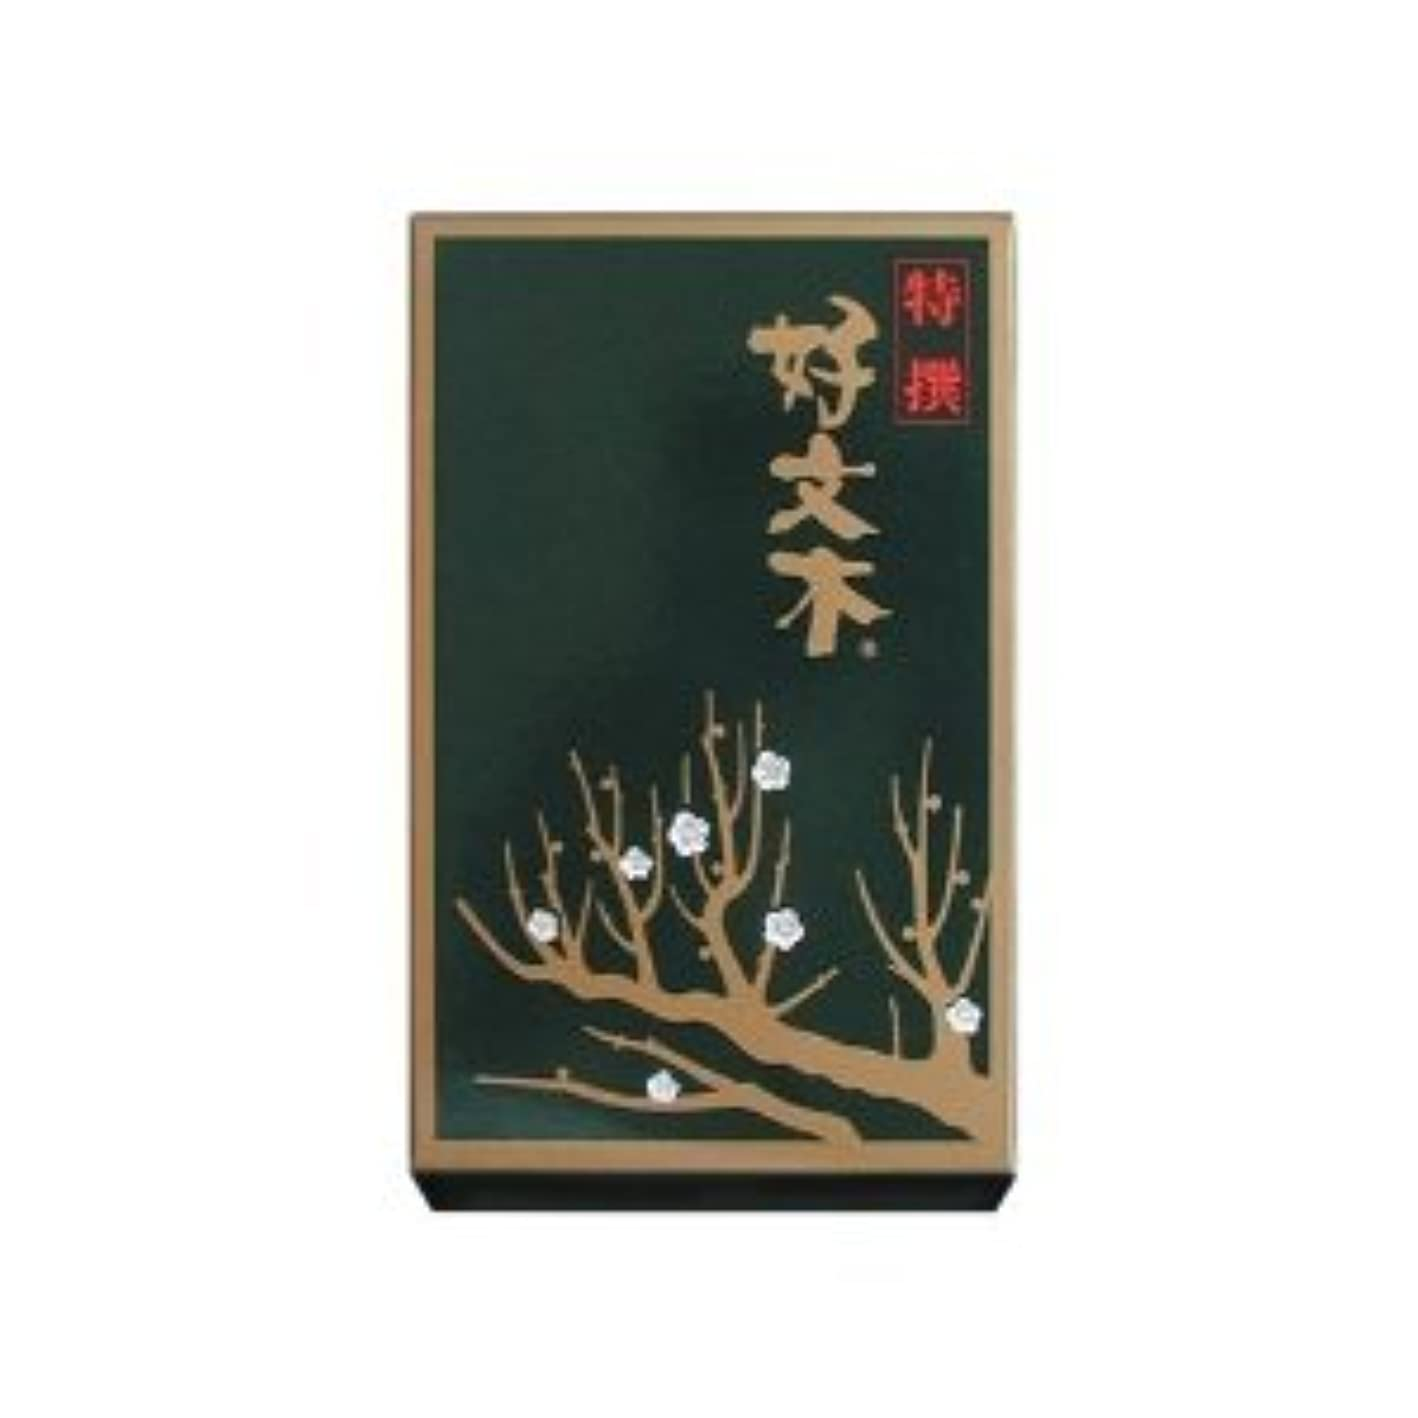 薬剤師セレナ論争的梅栄堂 特撰好文木 短寸大型バラ詰